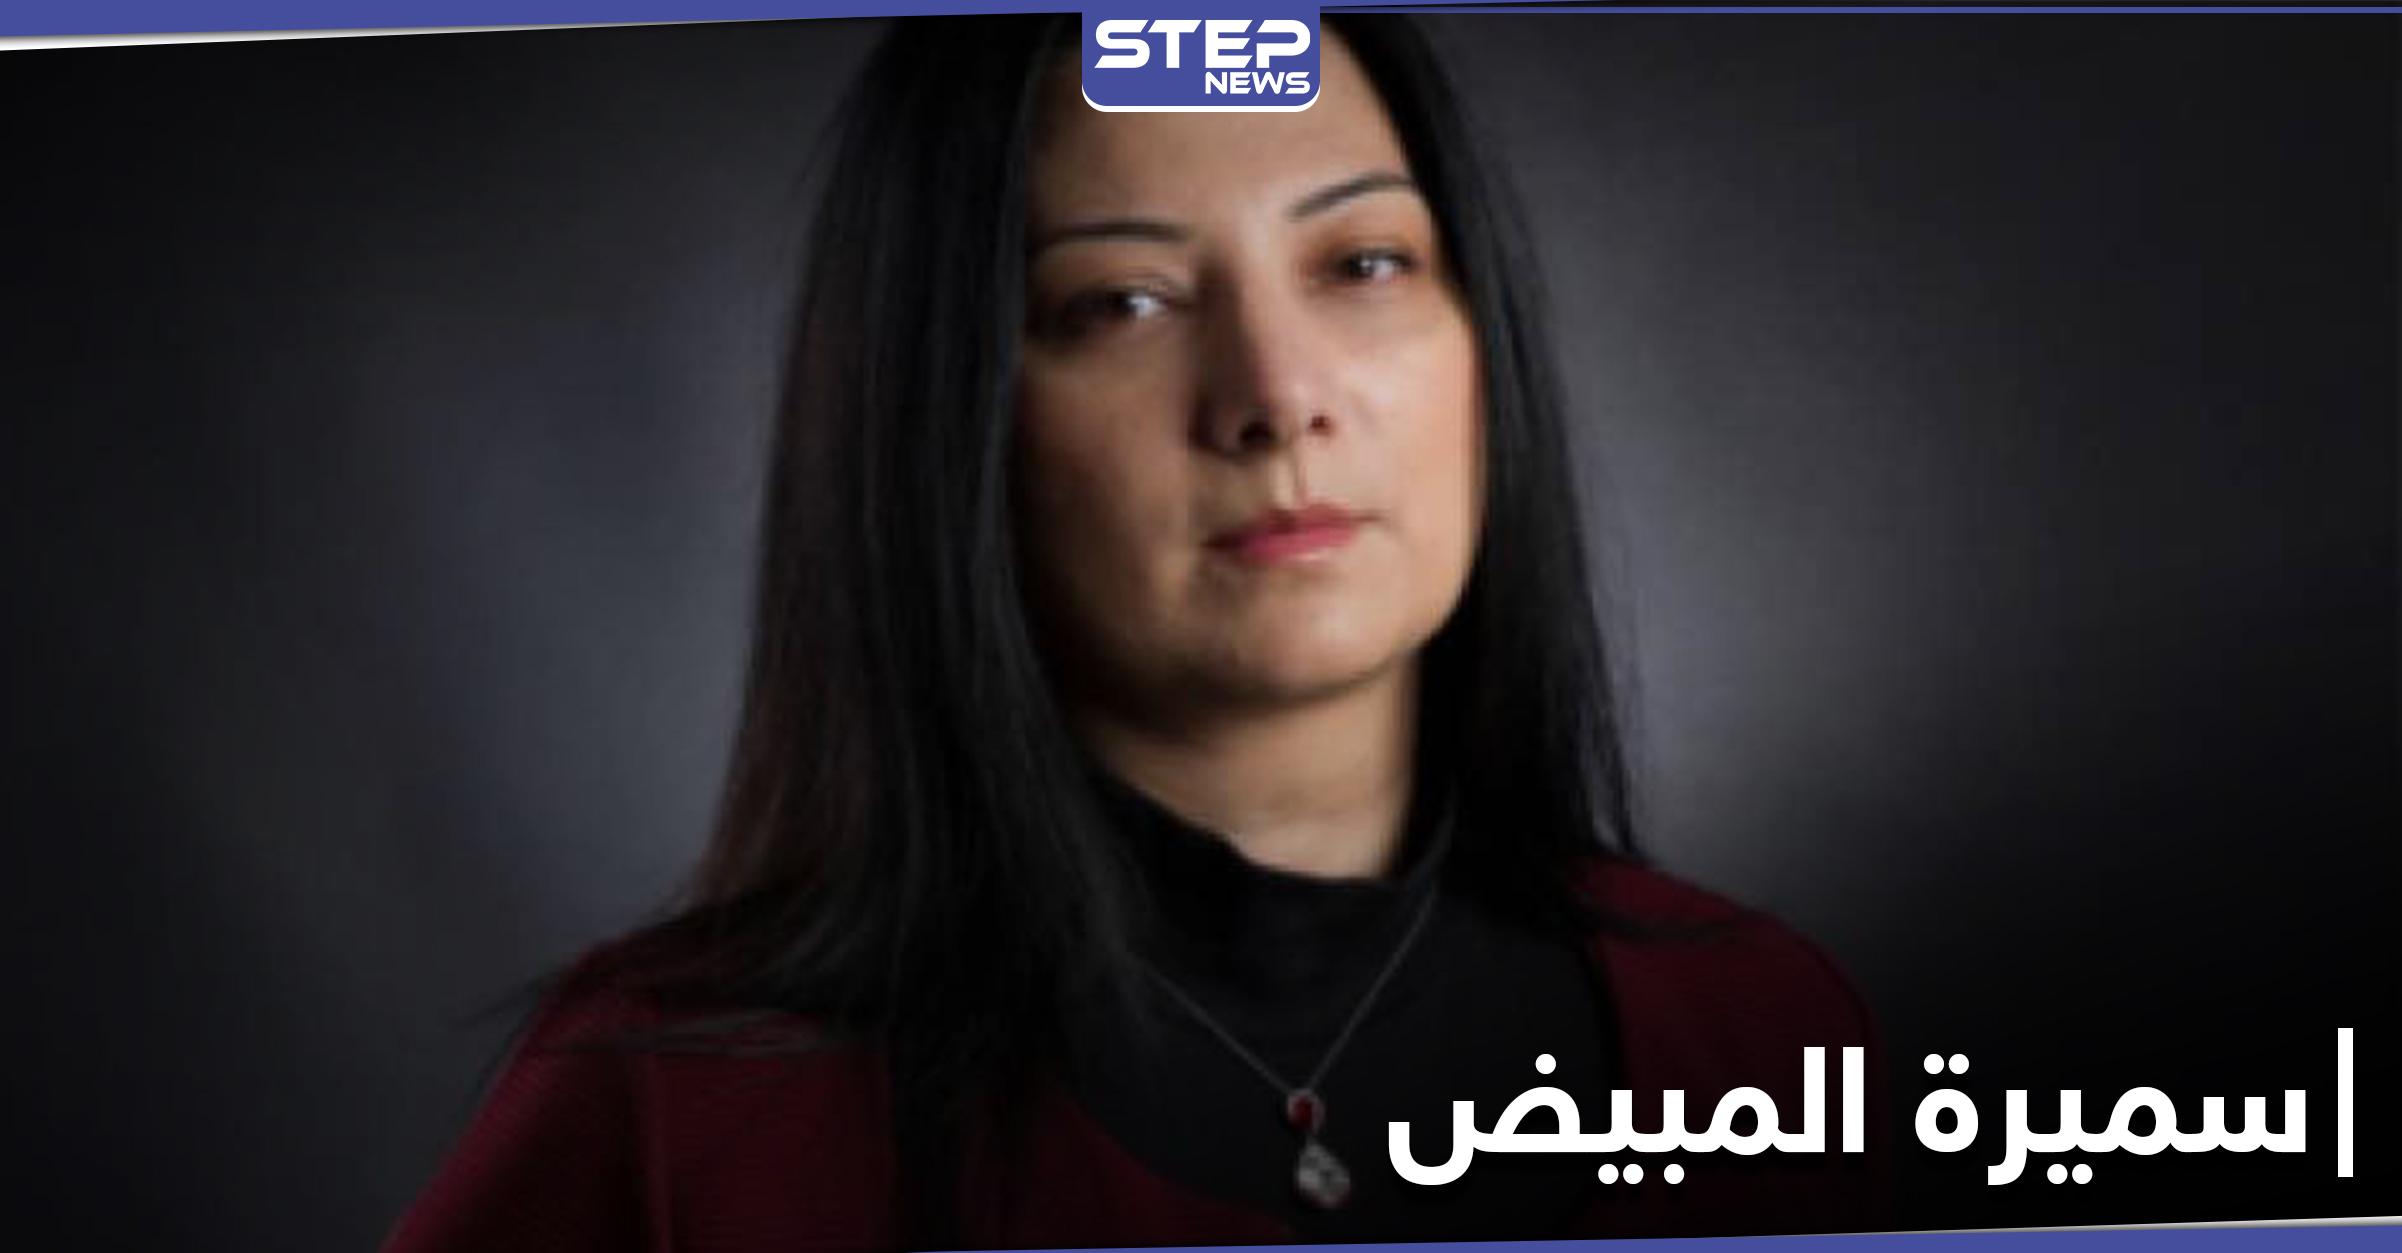 سميرة المبيض - عضو اللجنة الدستورية السورية